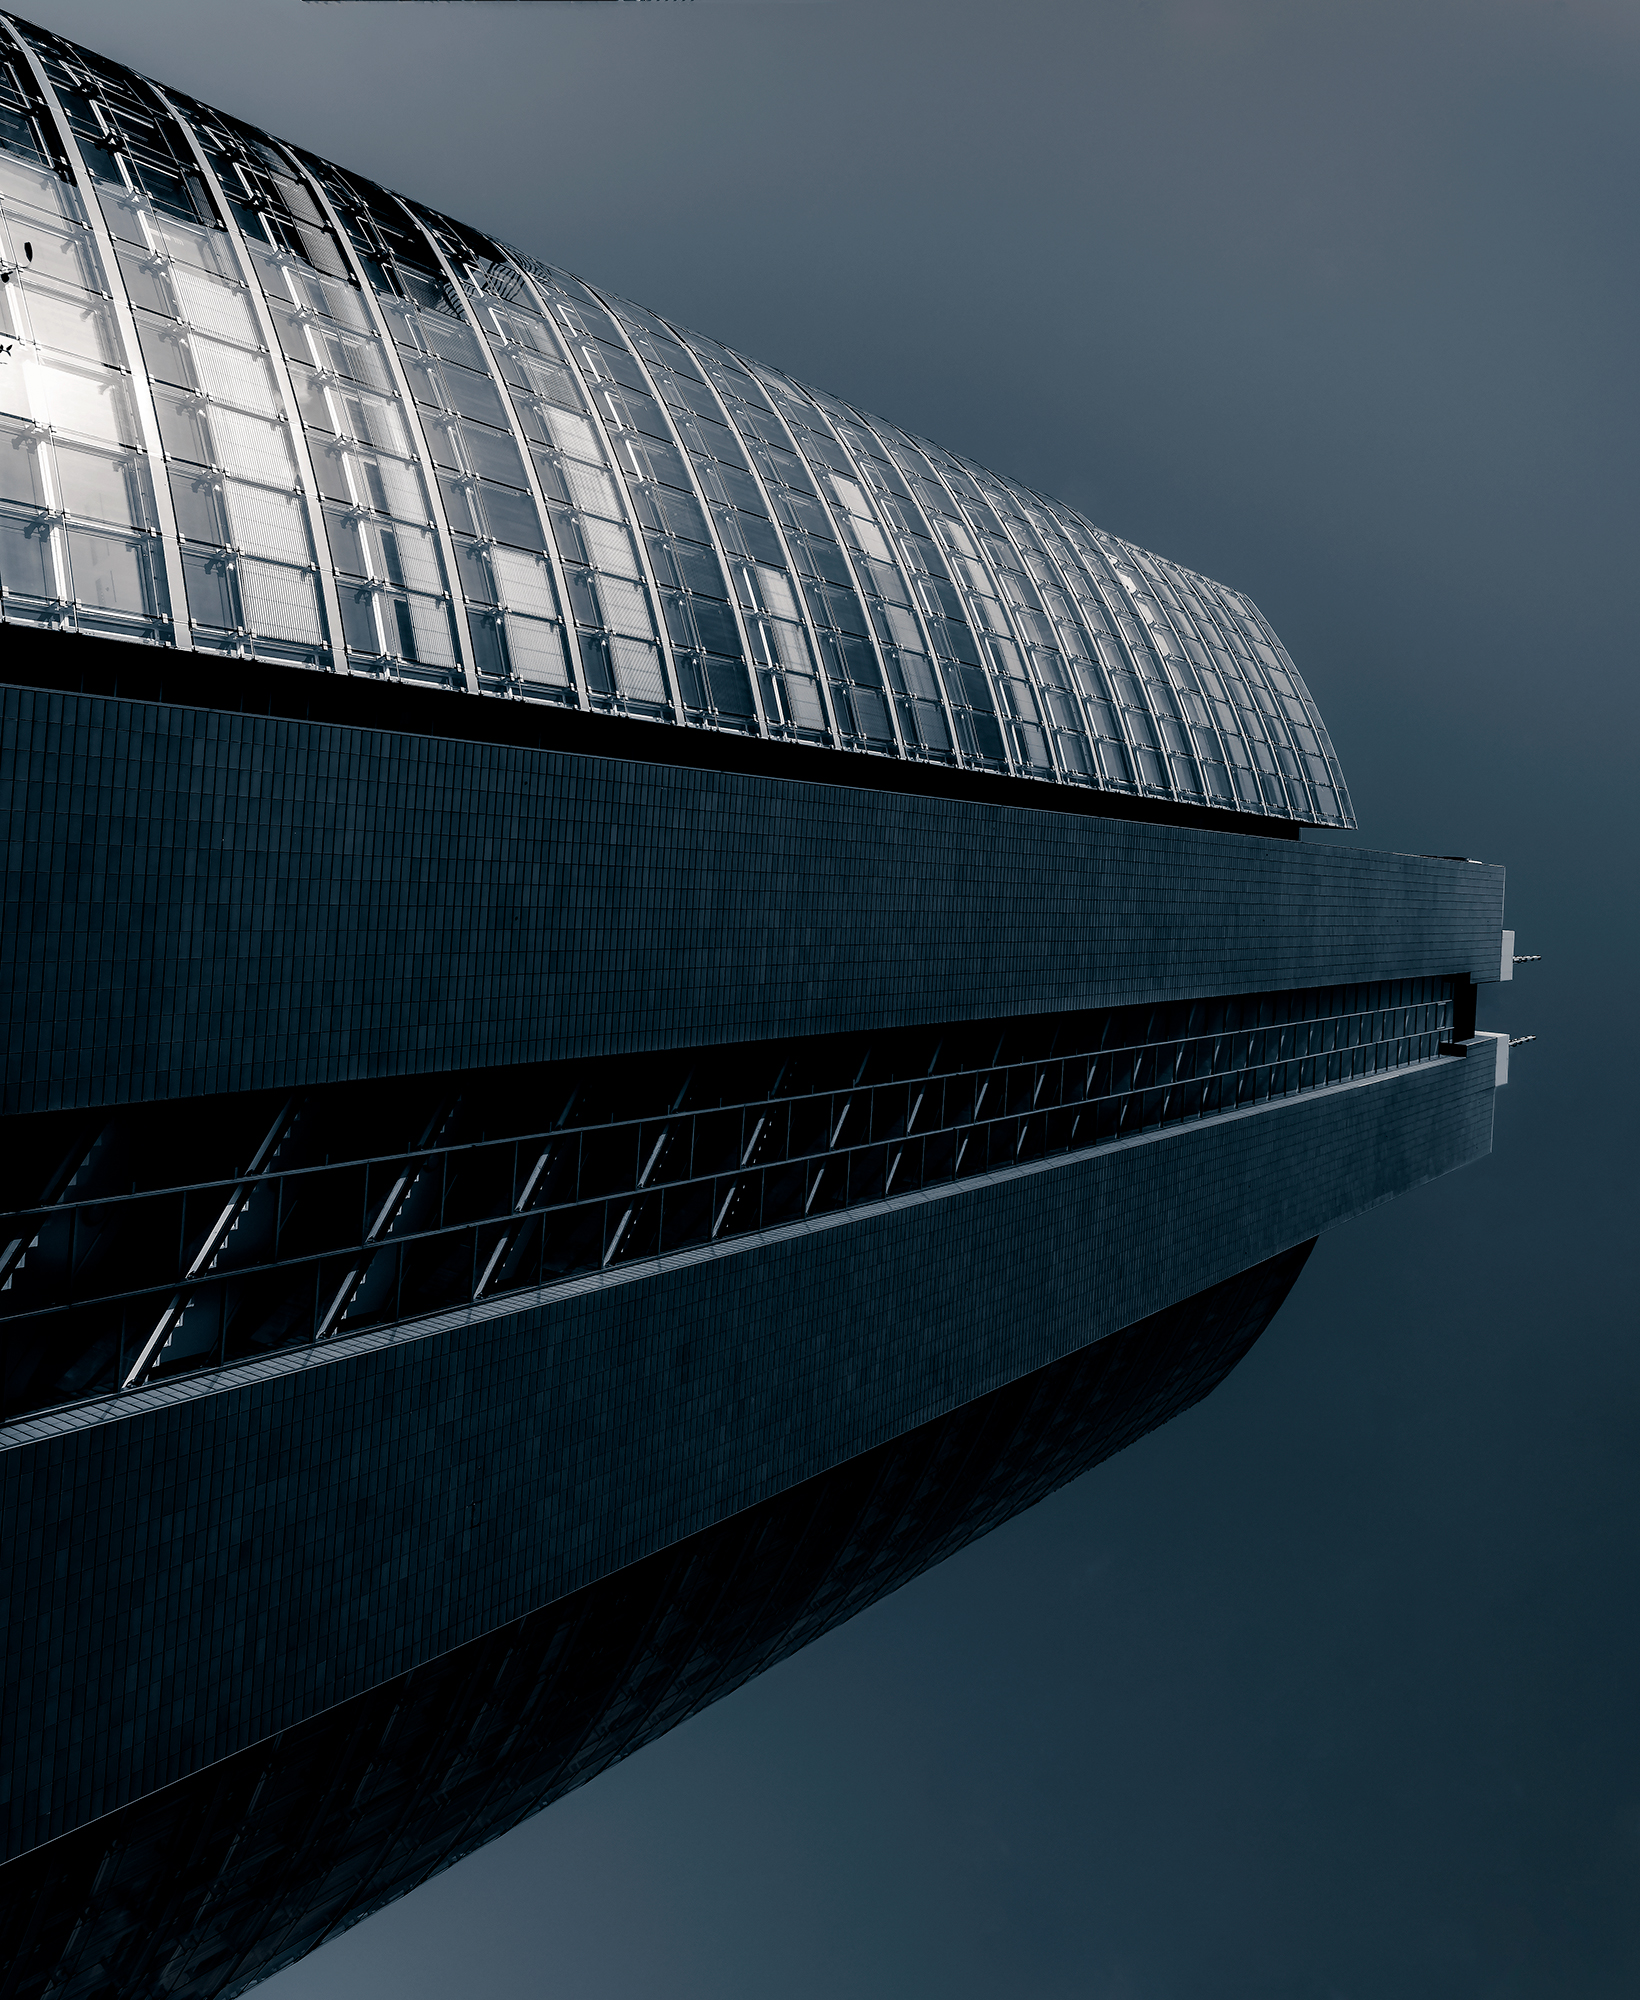 Professionelle Bildbearbeitung-Architektur-Schubert Photography